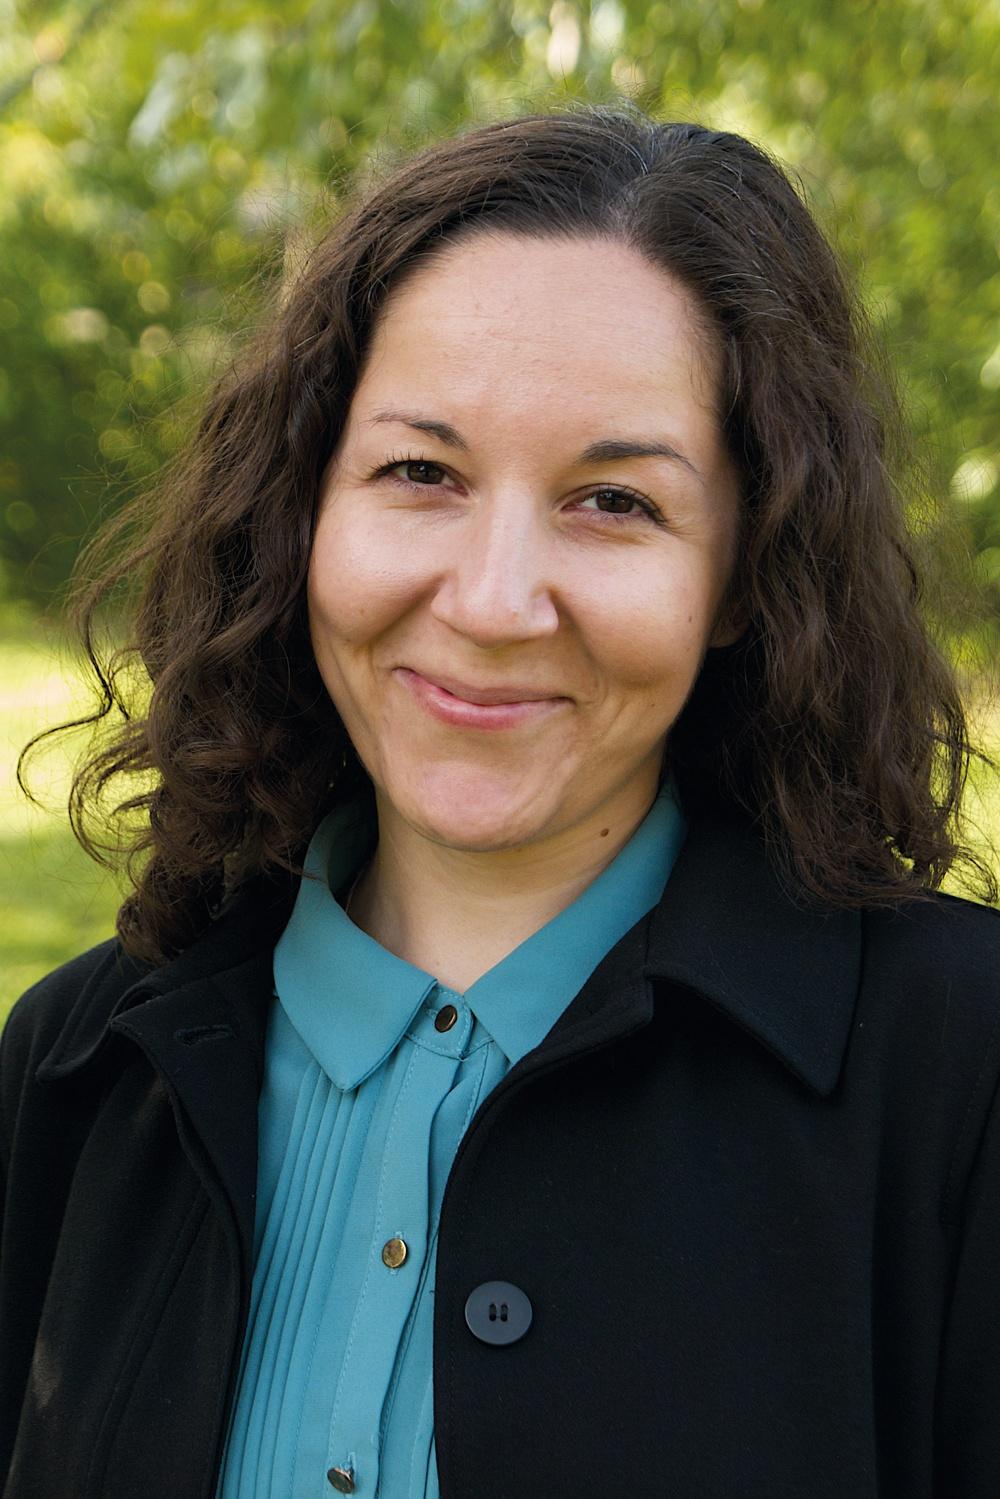 Andrea Dankićs